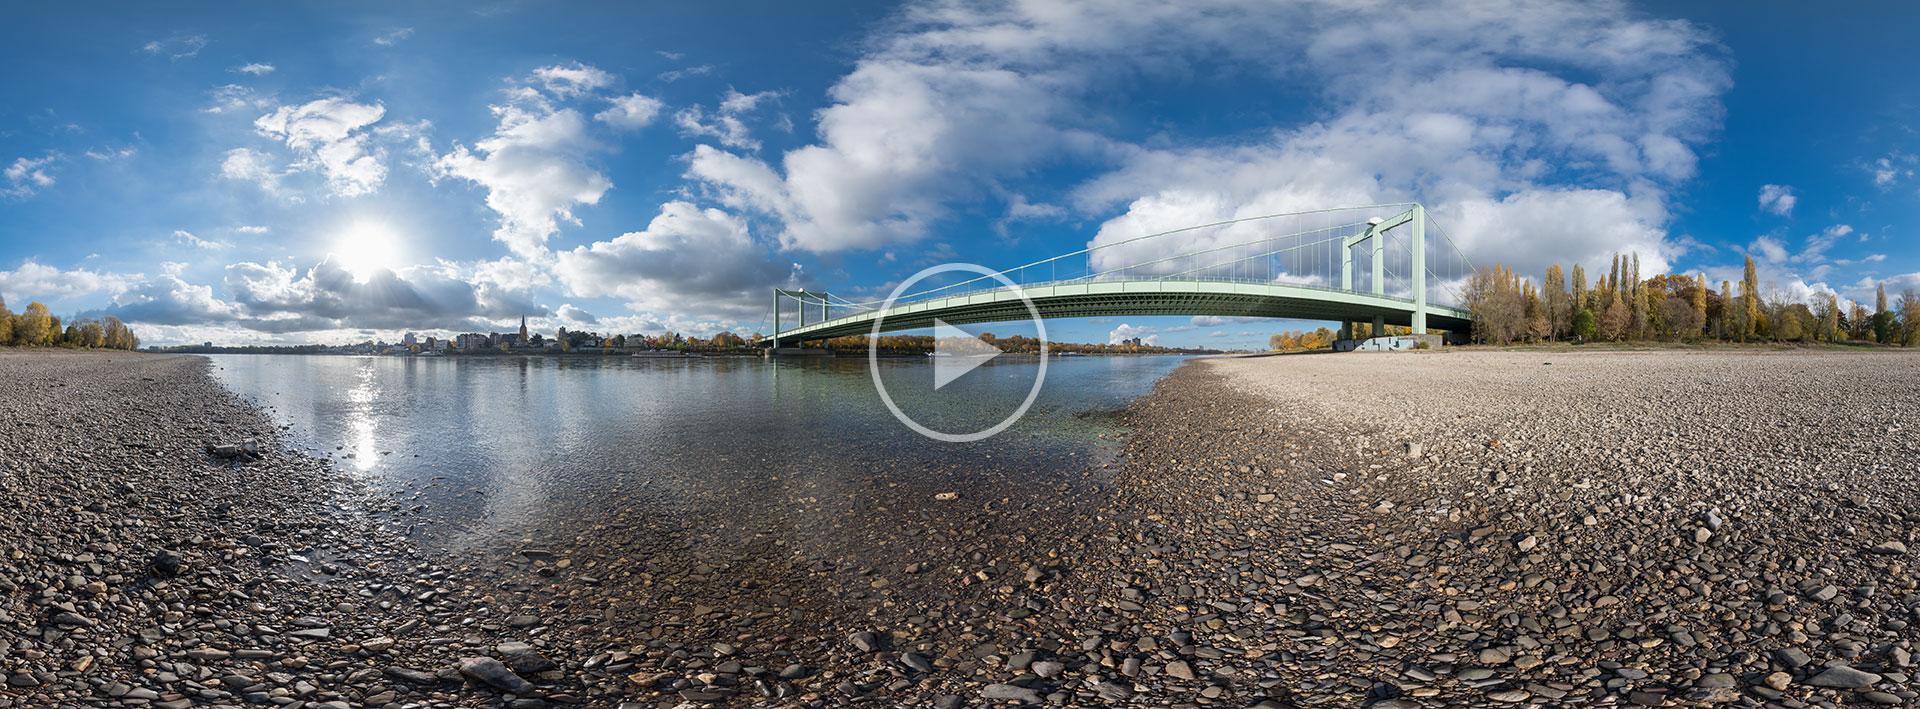 Rodenkirchener Brücke bei Niedrigwasser | 11.2018